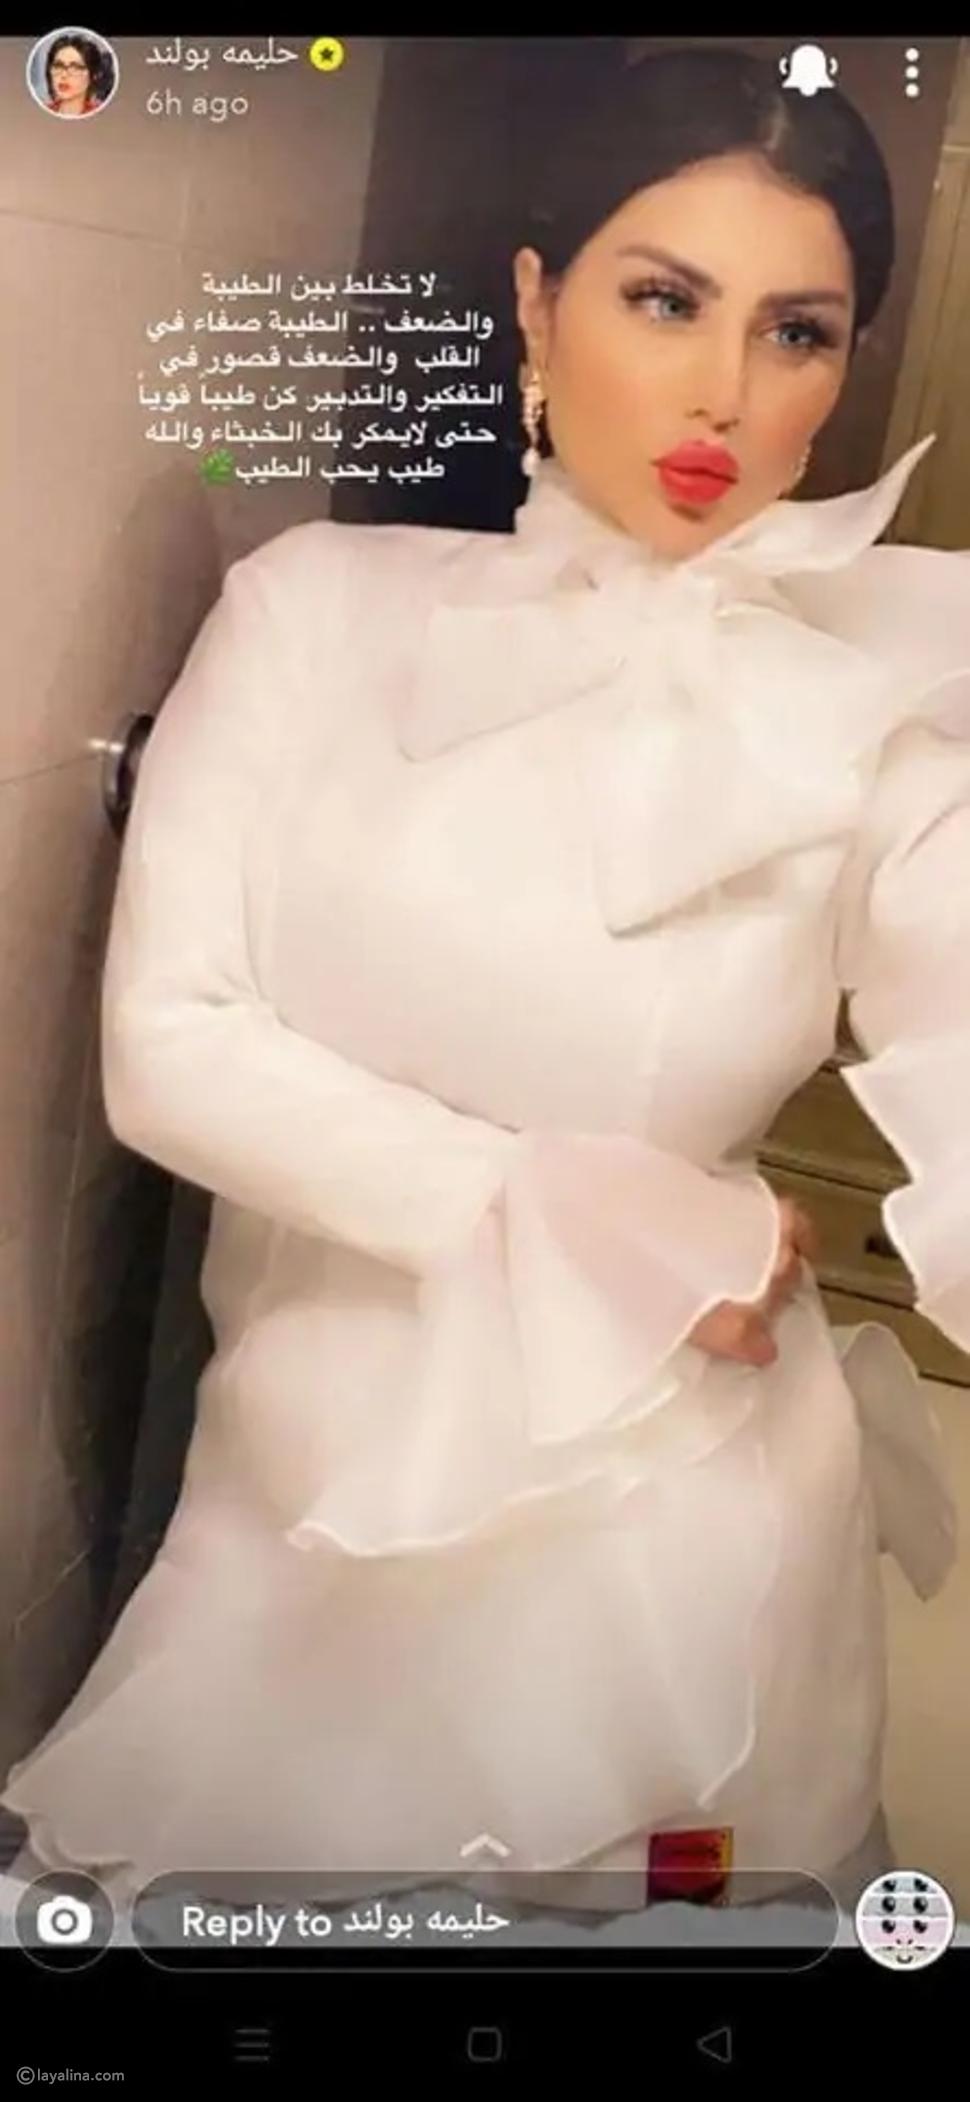 لا تخلط بين الطيبة والضعف.. الطيبة صفاء في القلب والضعف قصور في التفكير والتدبير.. كن طيبًا قويًا حتى لا يمكر بك الخبثاء والله طيب يحب الطيب